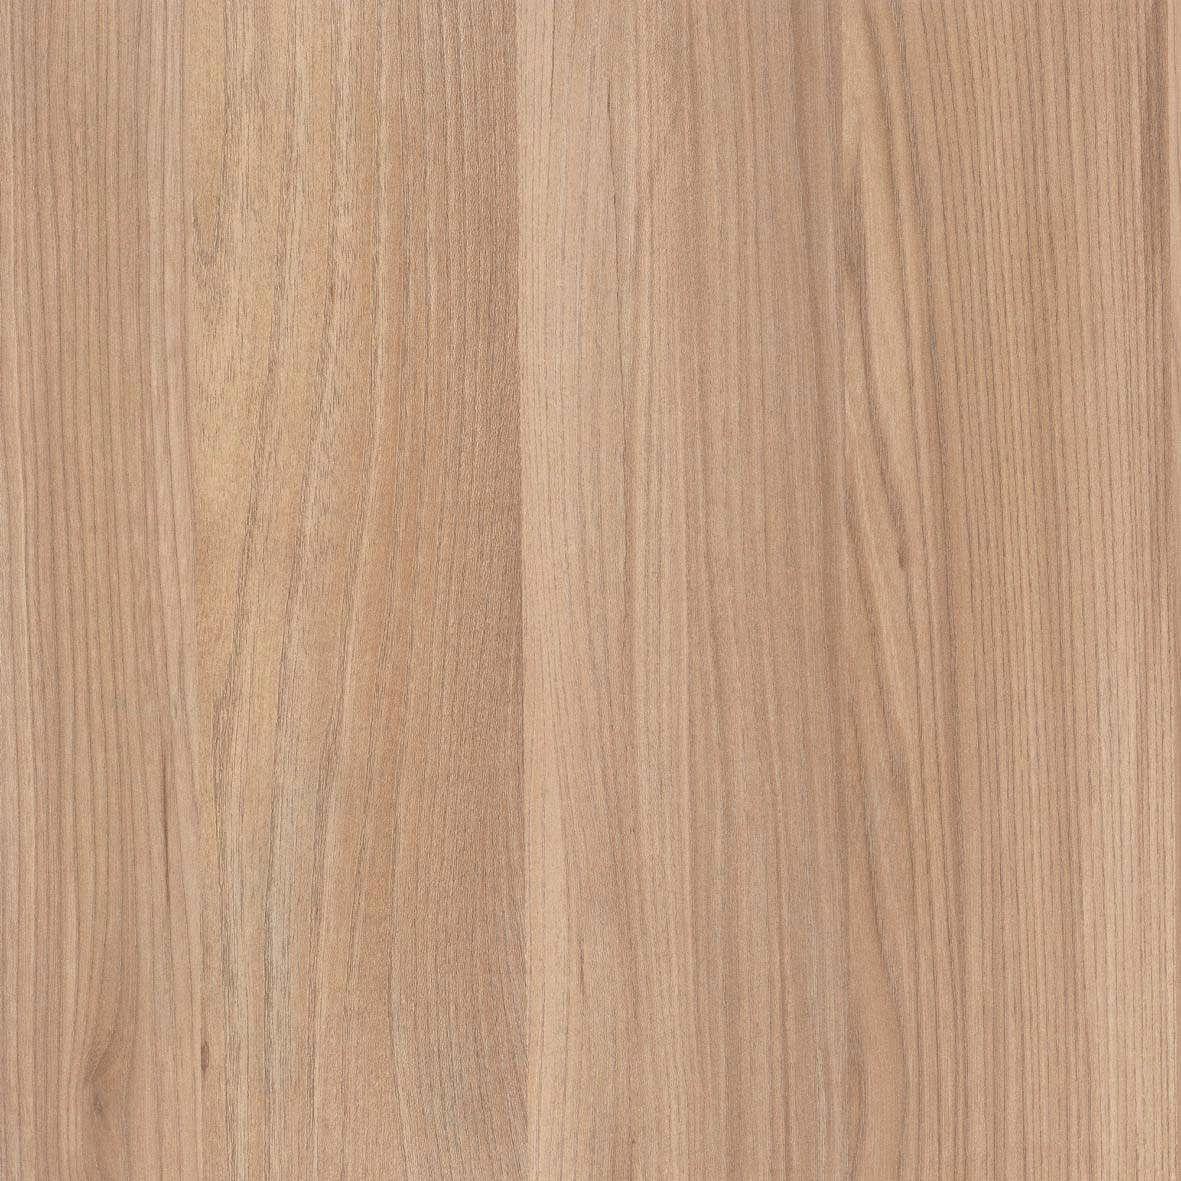 Pin Von Lila Hasbun Auf Plywood Sperrholz